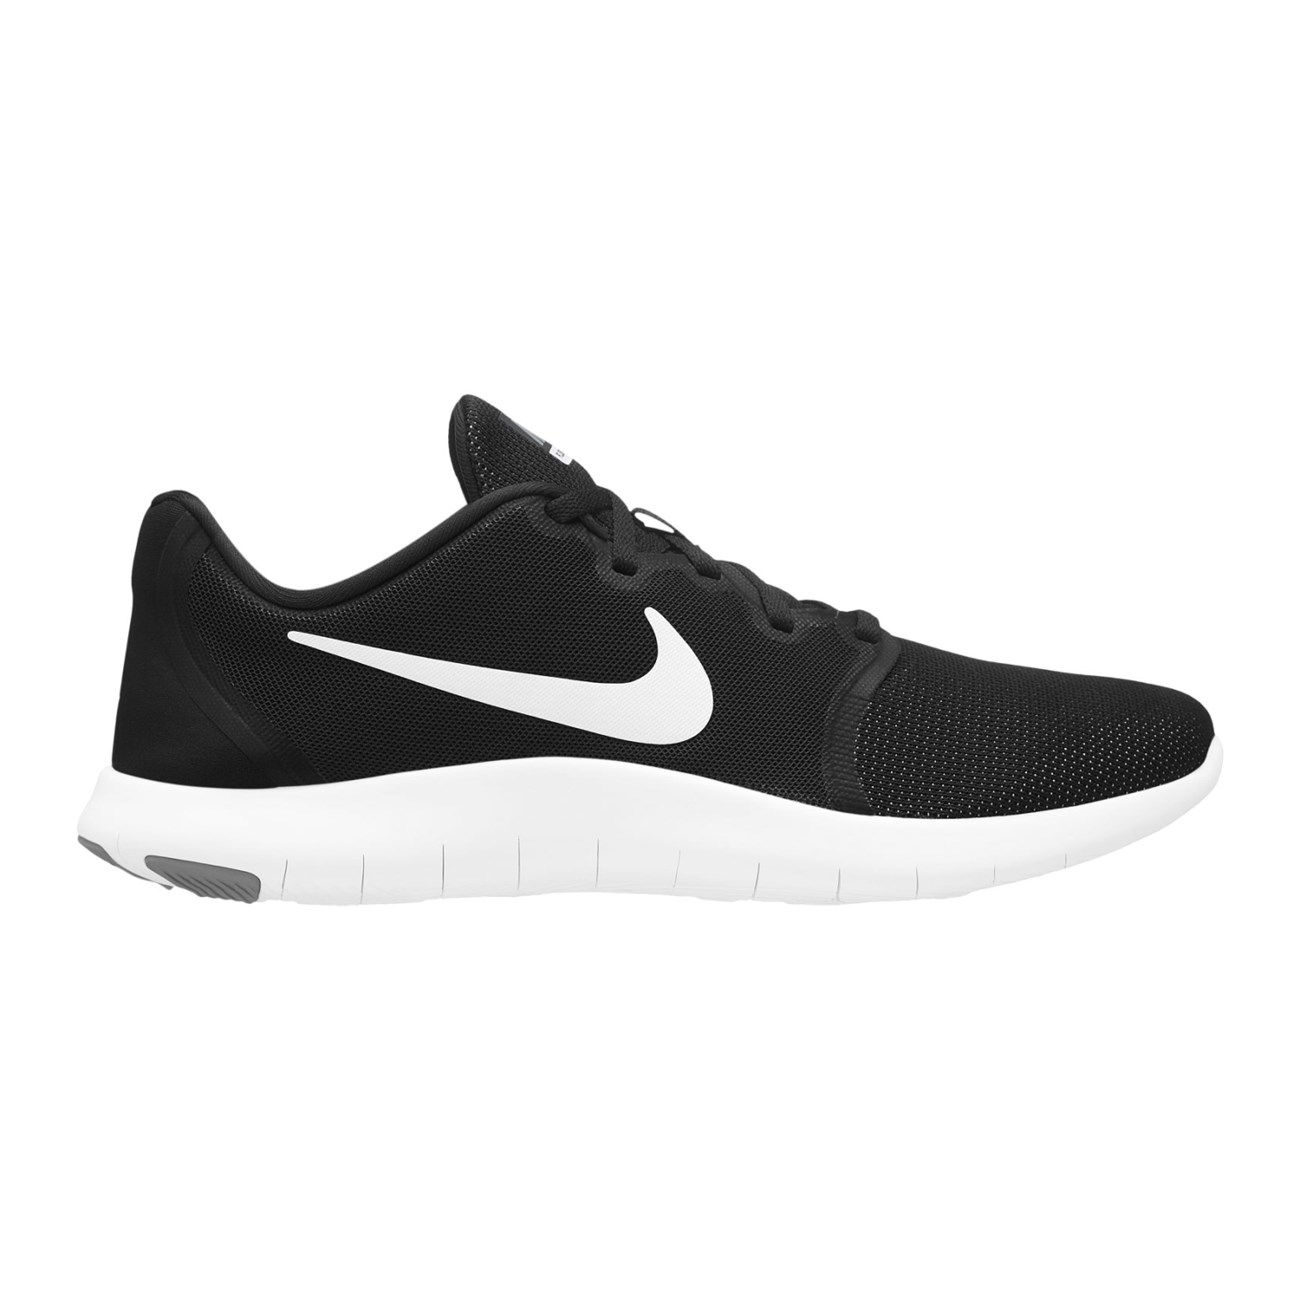 88c91cb1feb39 NIKE FLEX CONTACT 2   Παπούτσια για Τρέξιμο